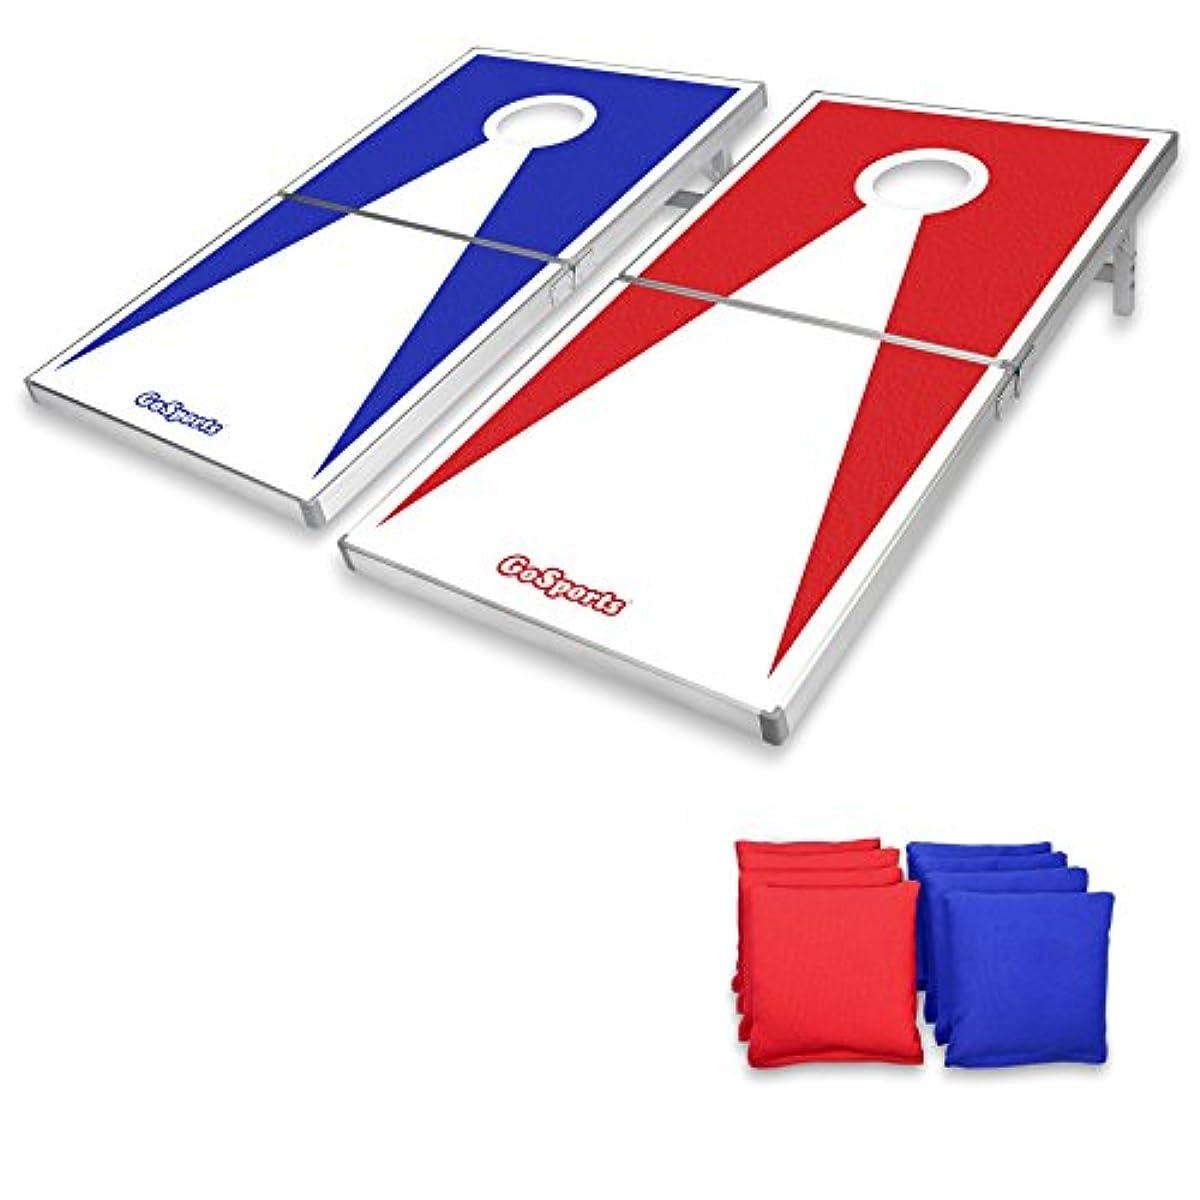 b4f51230e5953 GoSports Cornhole PRO Regulation Size Bean Bag Toss Game Set - Foldable  (Black